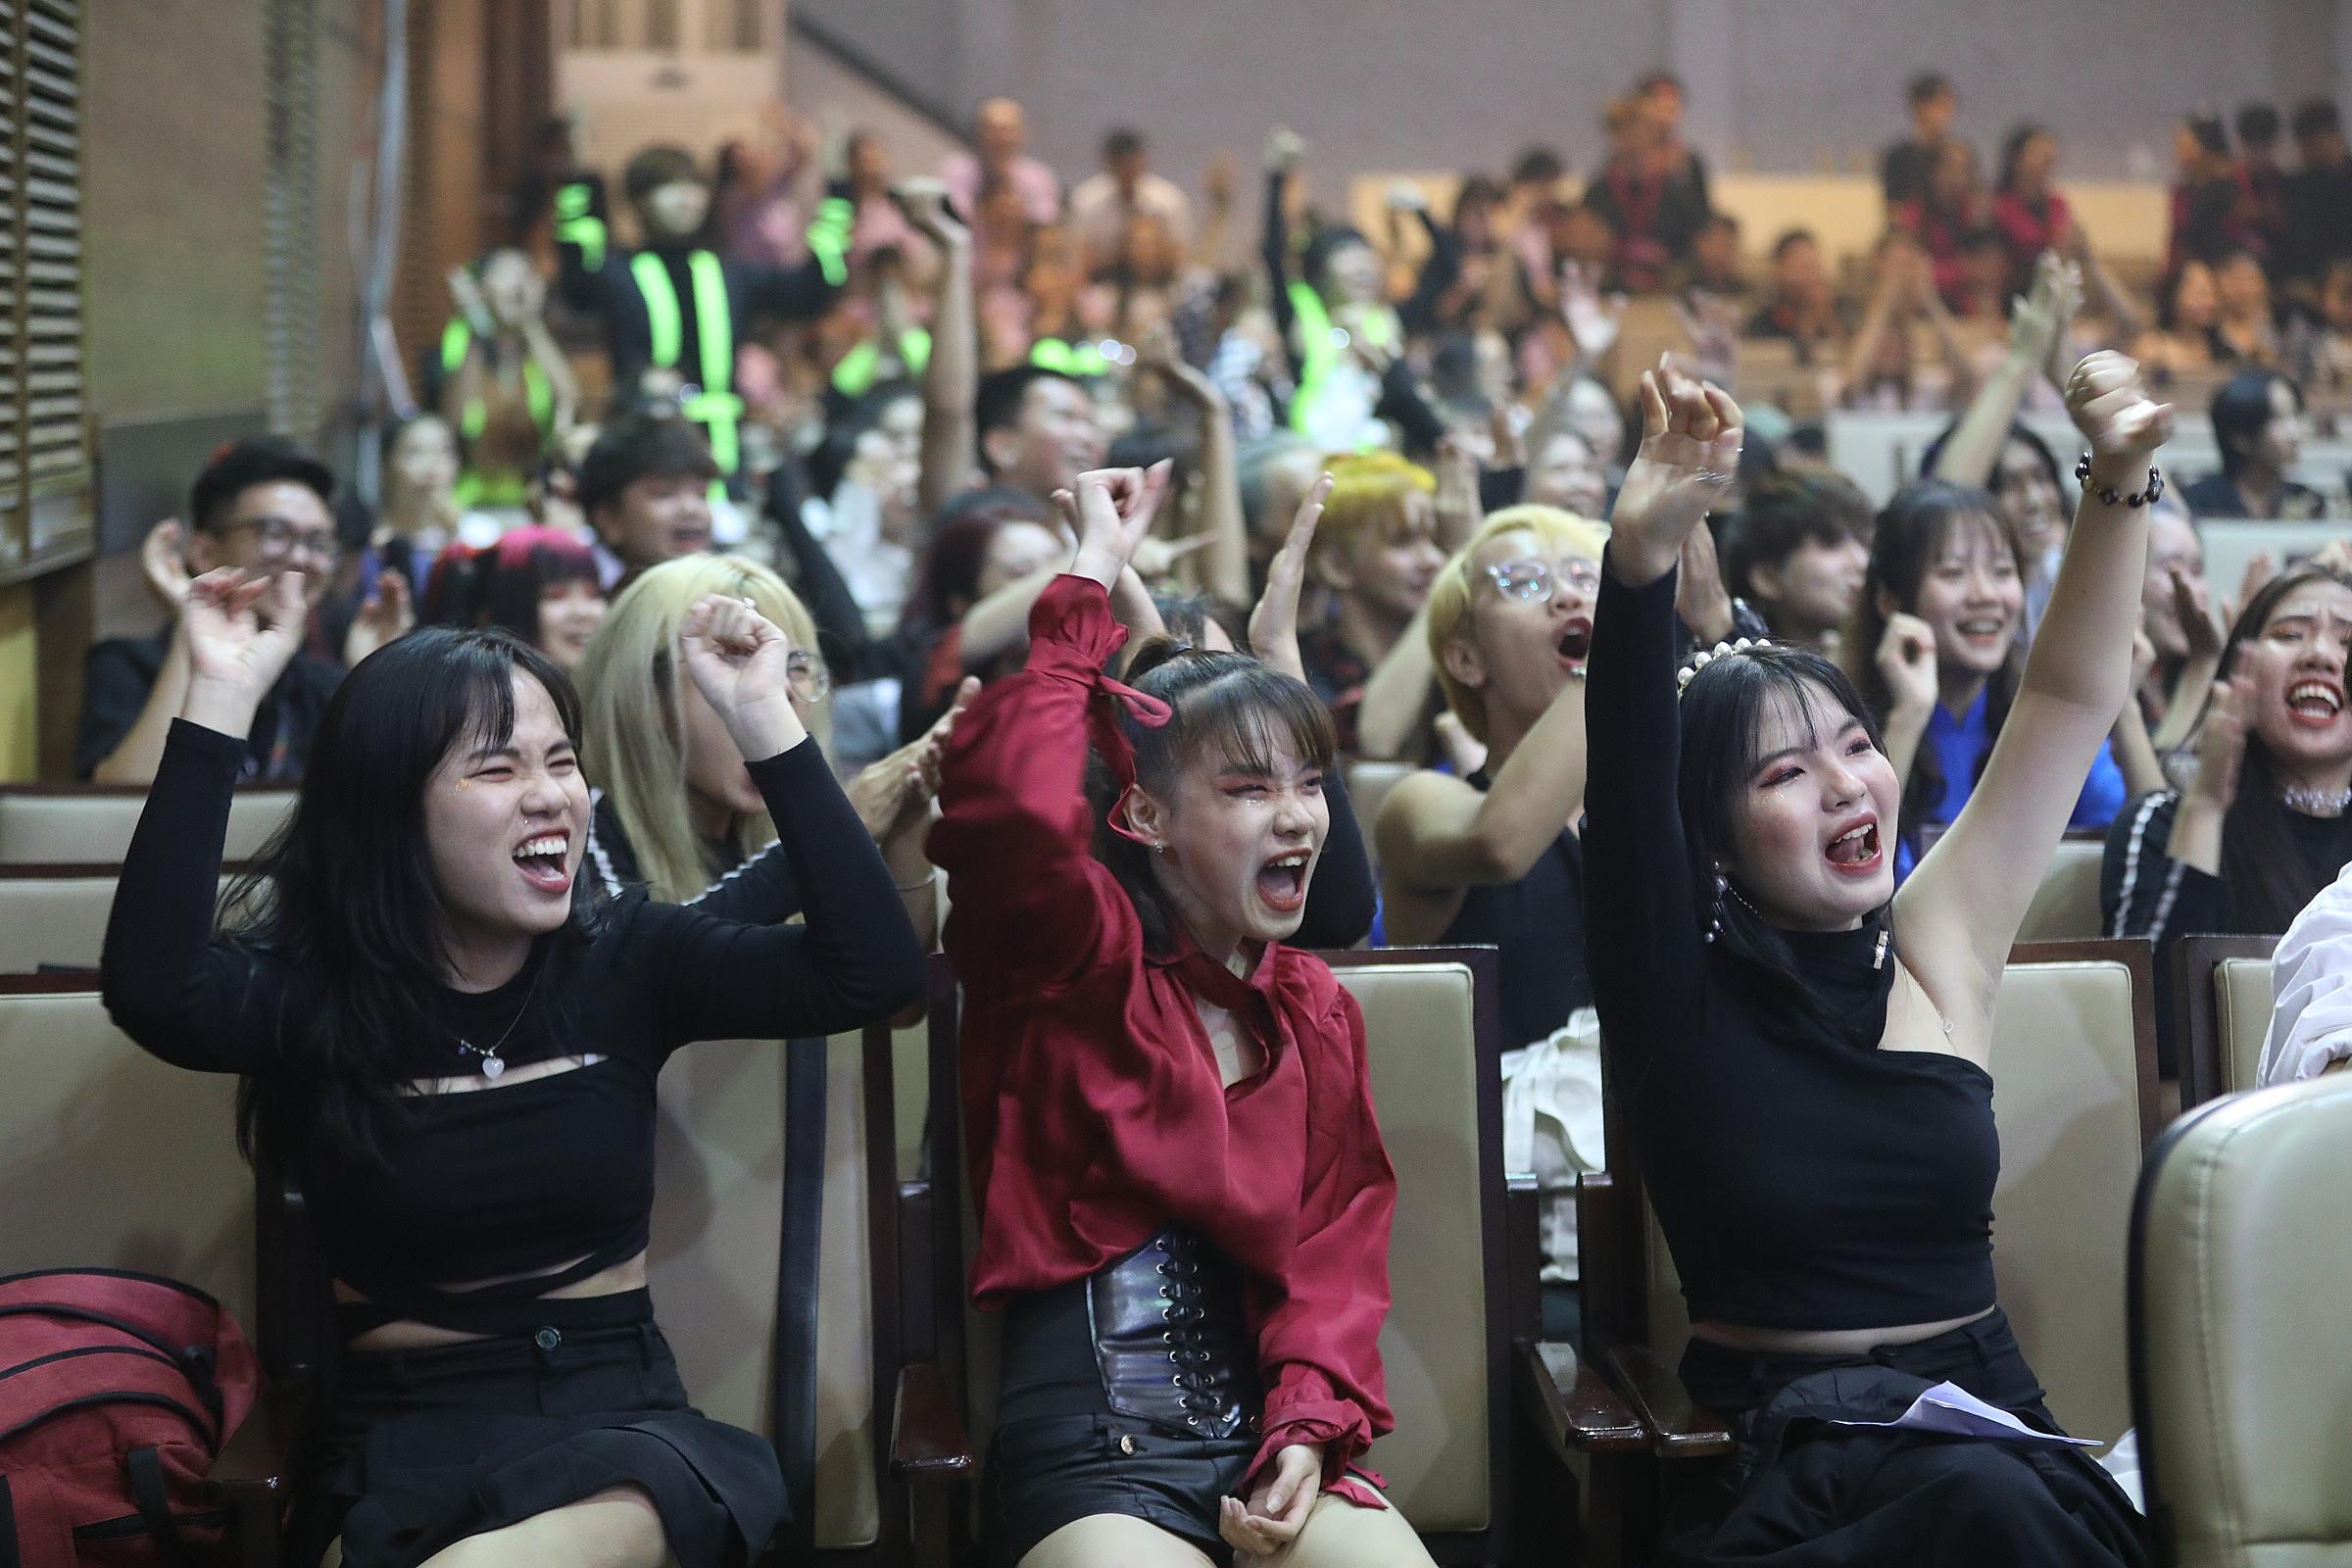 Những tràng vỗ tay thể hiện niềm vui sướng khi đội nhà đang tranh tài trên sân khấu đêm Bán kết. Trong ảnh là các thành viên cùng cổ động viên The Eight Crew - Đại học Sư phạm TP HCM hò reo khi đội đã hoàn thành xuất sắc phần thi.